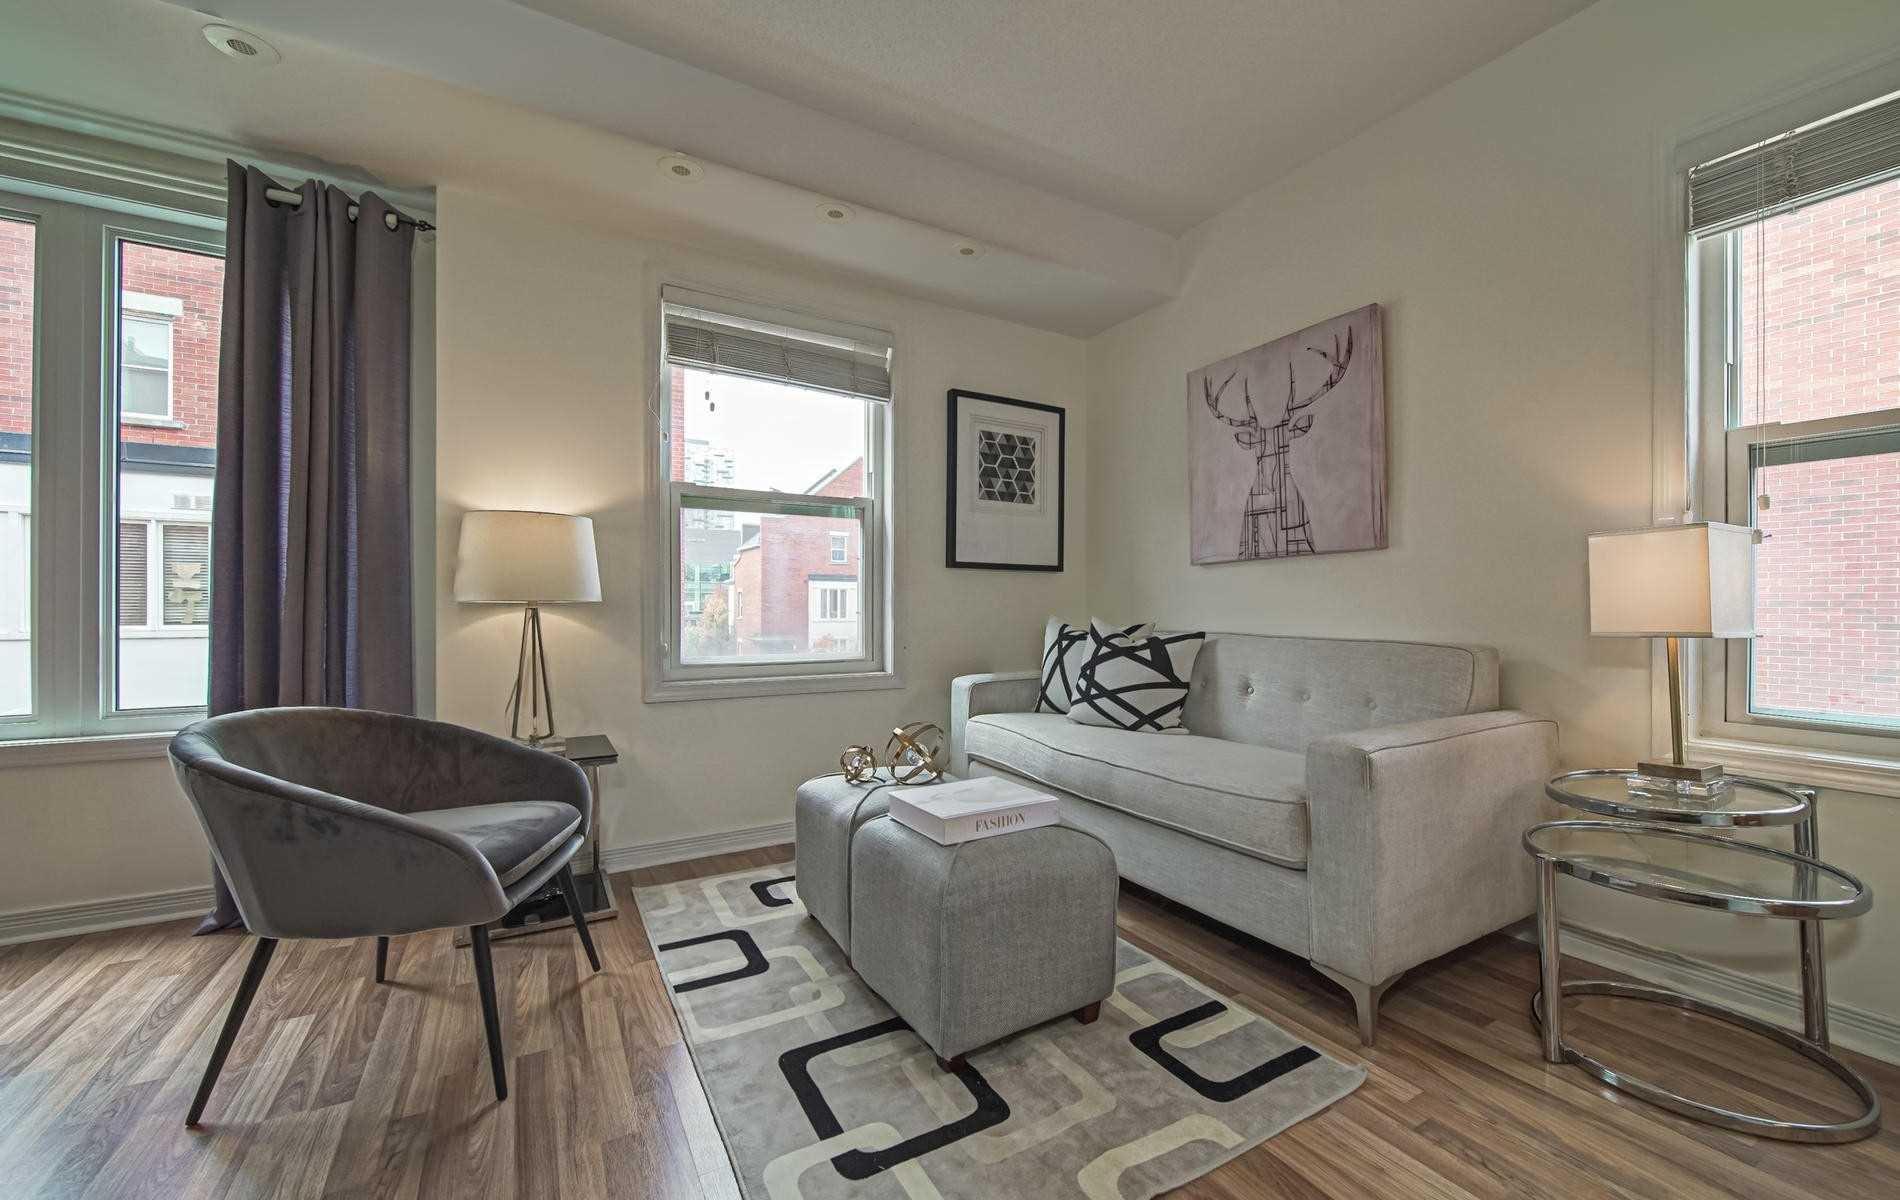 Main Photo: 3 78 Munro Street in Toronto: South Riverdale Condo for sale (Toronto E01)  : MLS®# E4615987